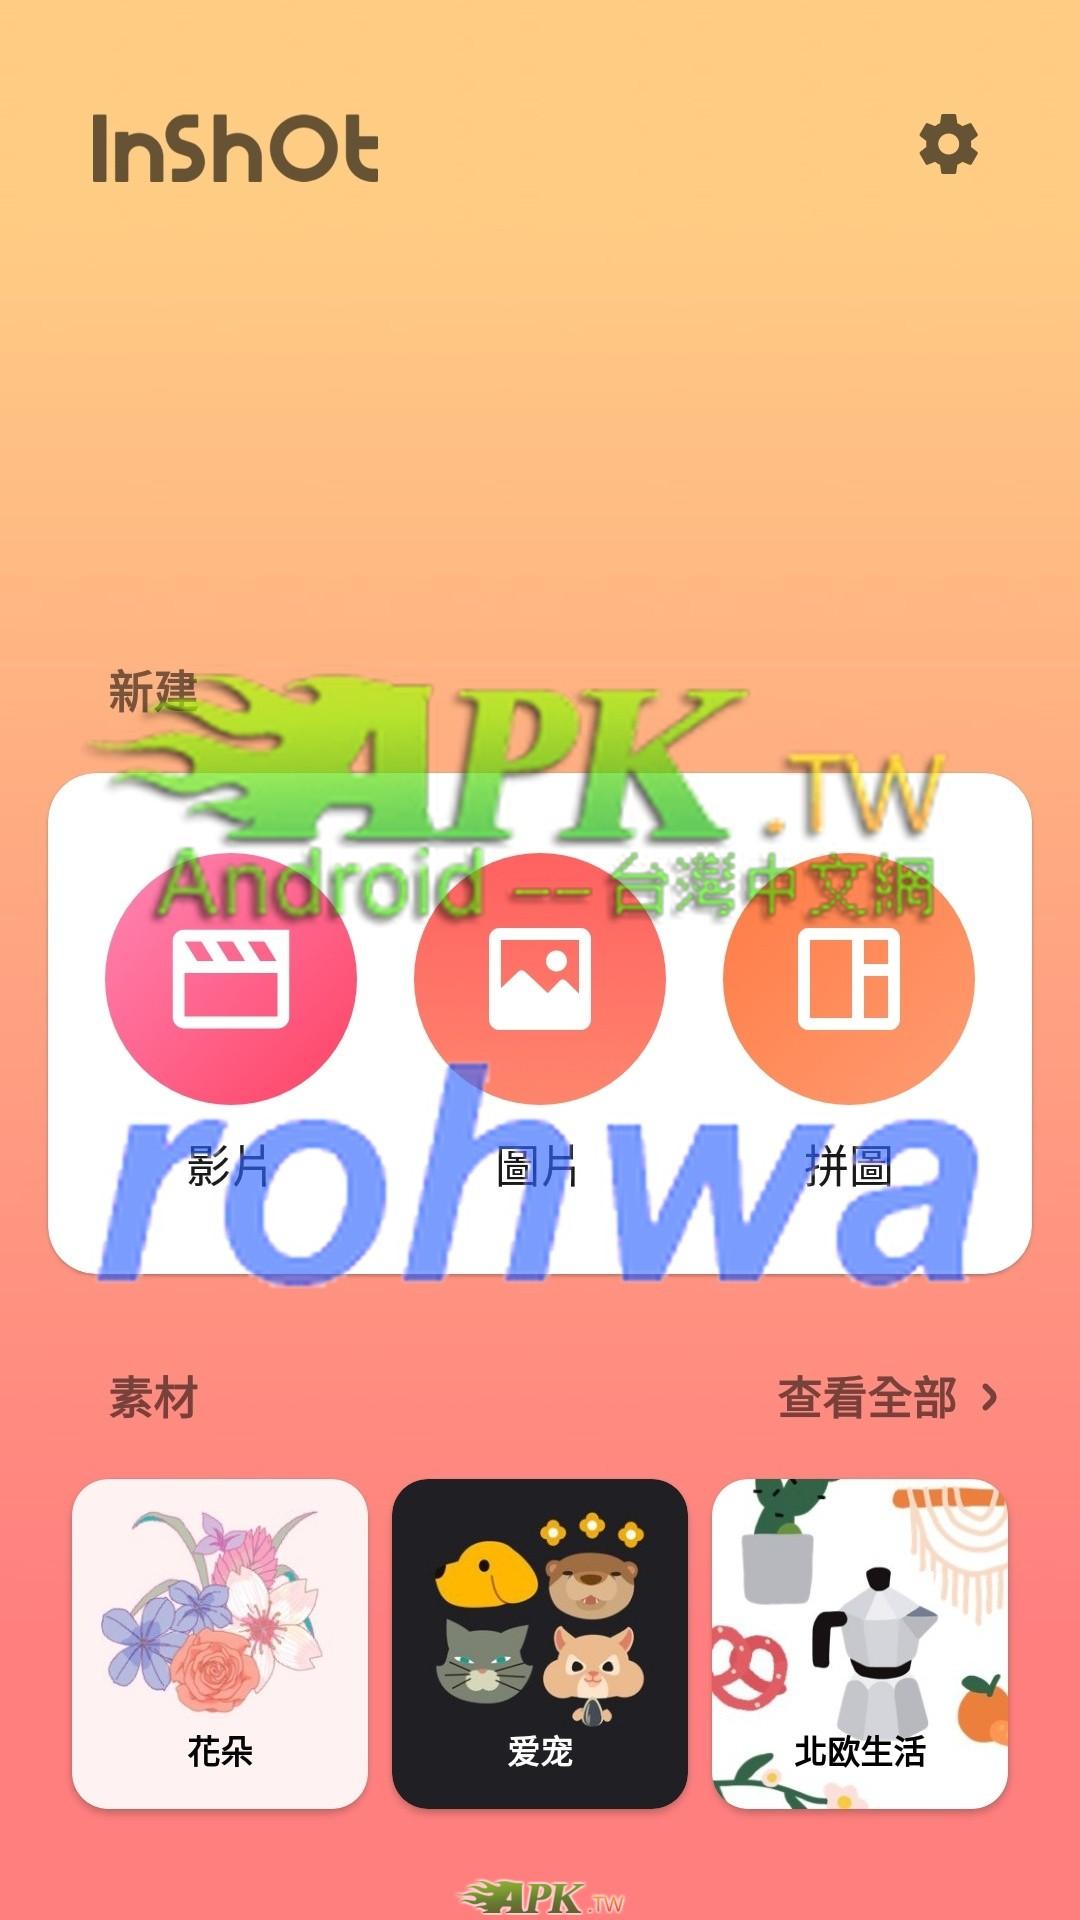 InShot__1_.jpg